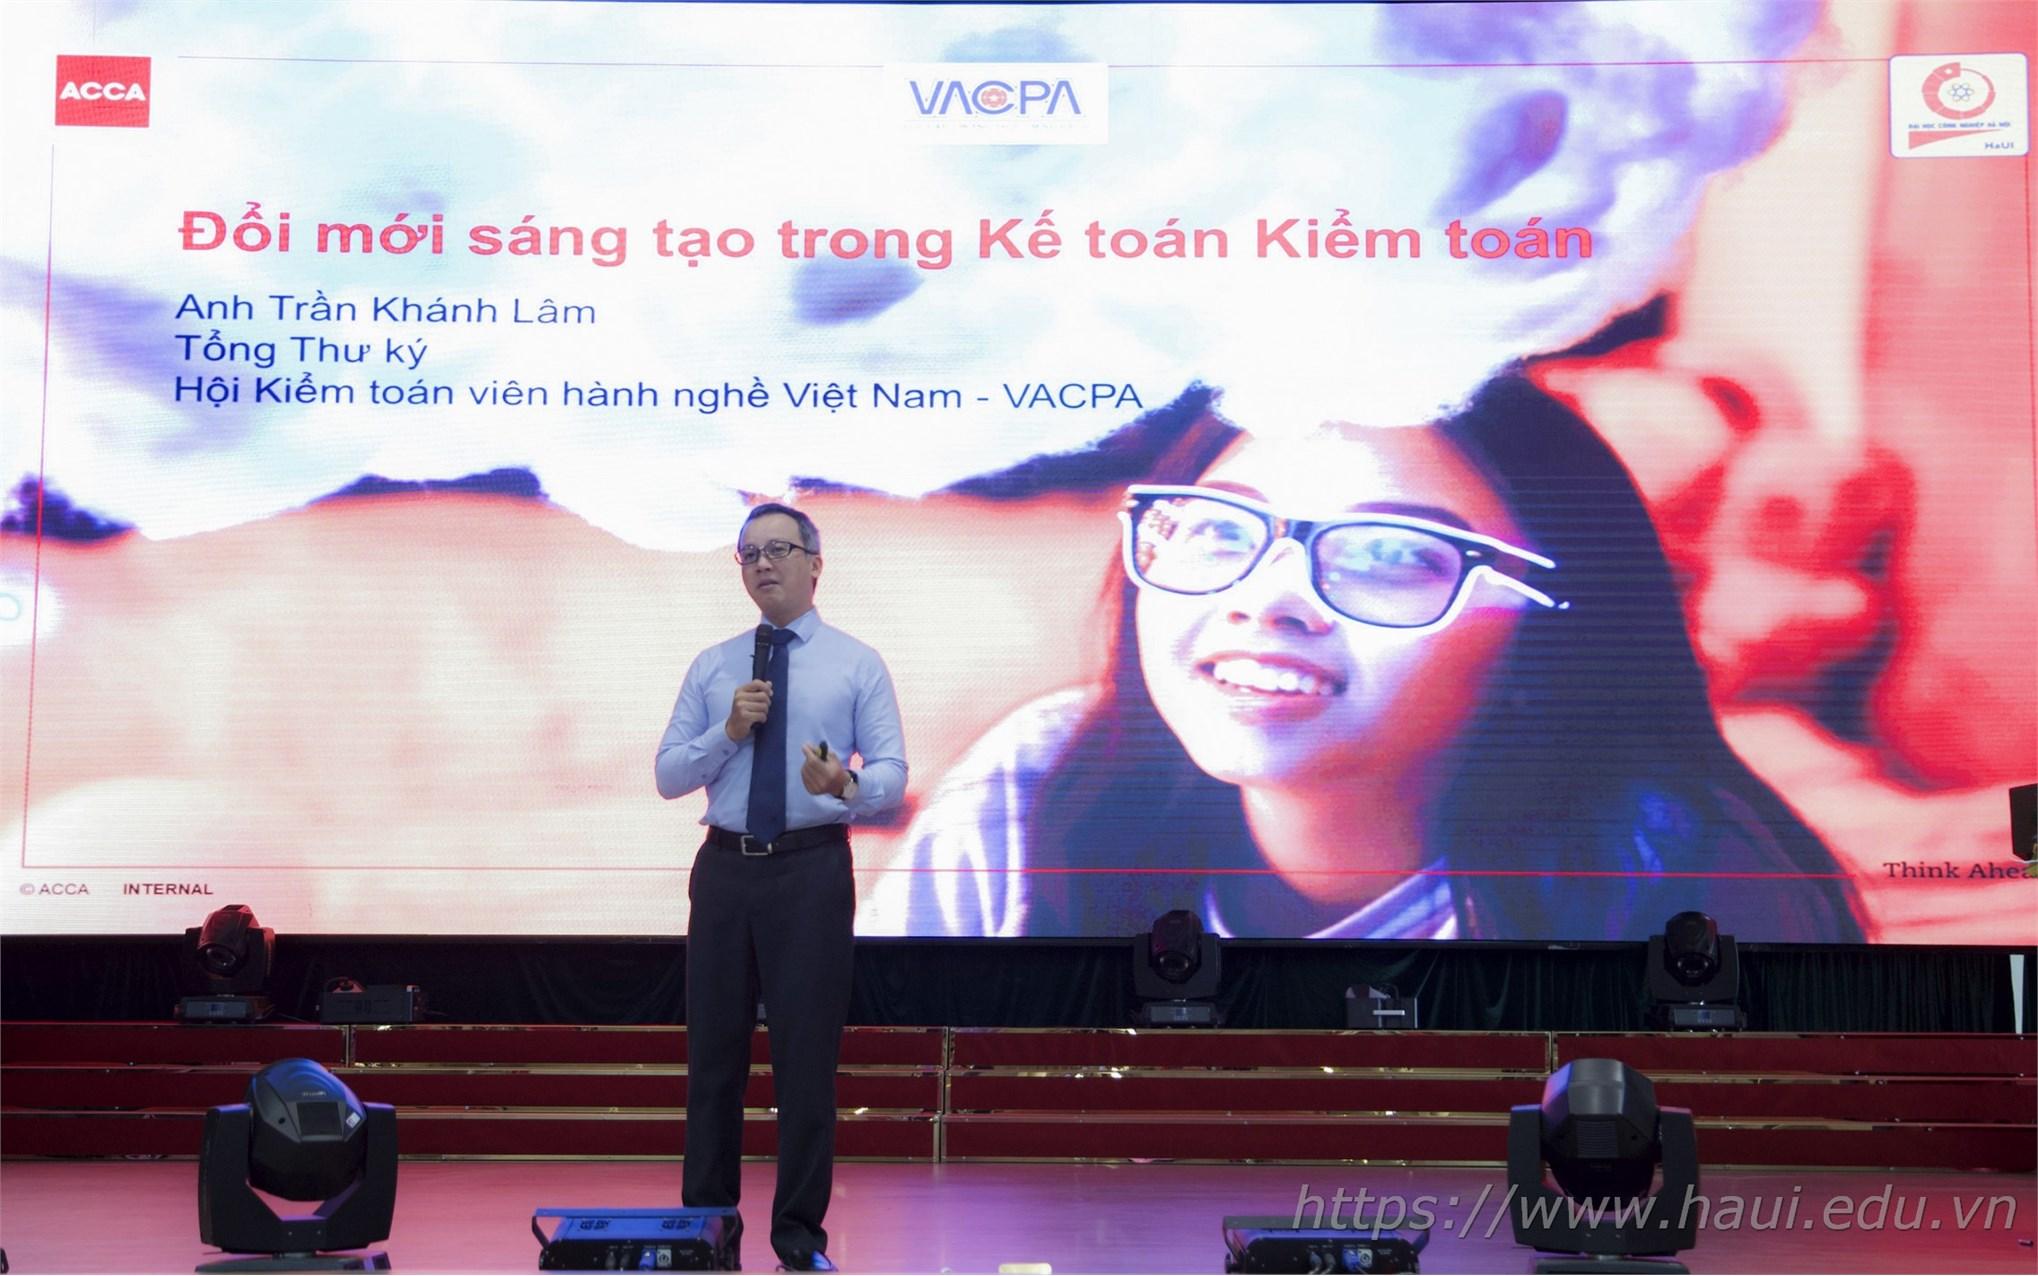 Tọa đàm ngành Kế toán Kiểm toán tại Đại học Công nghiệp Hà Nội năm 2019